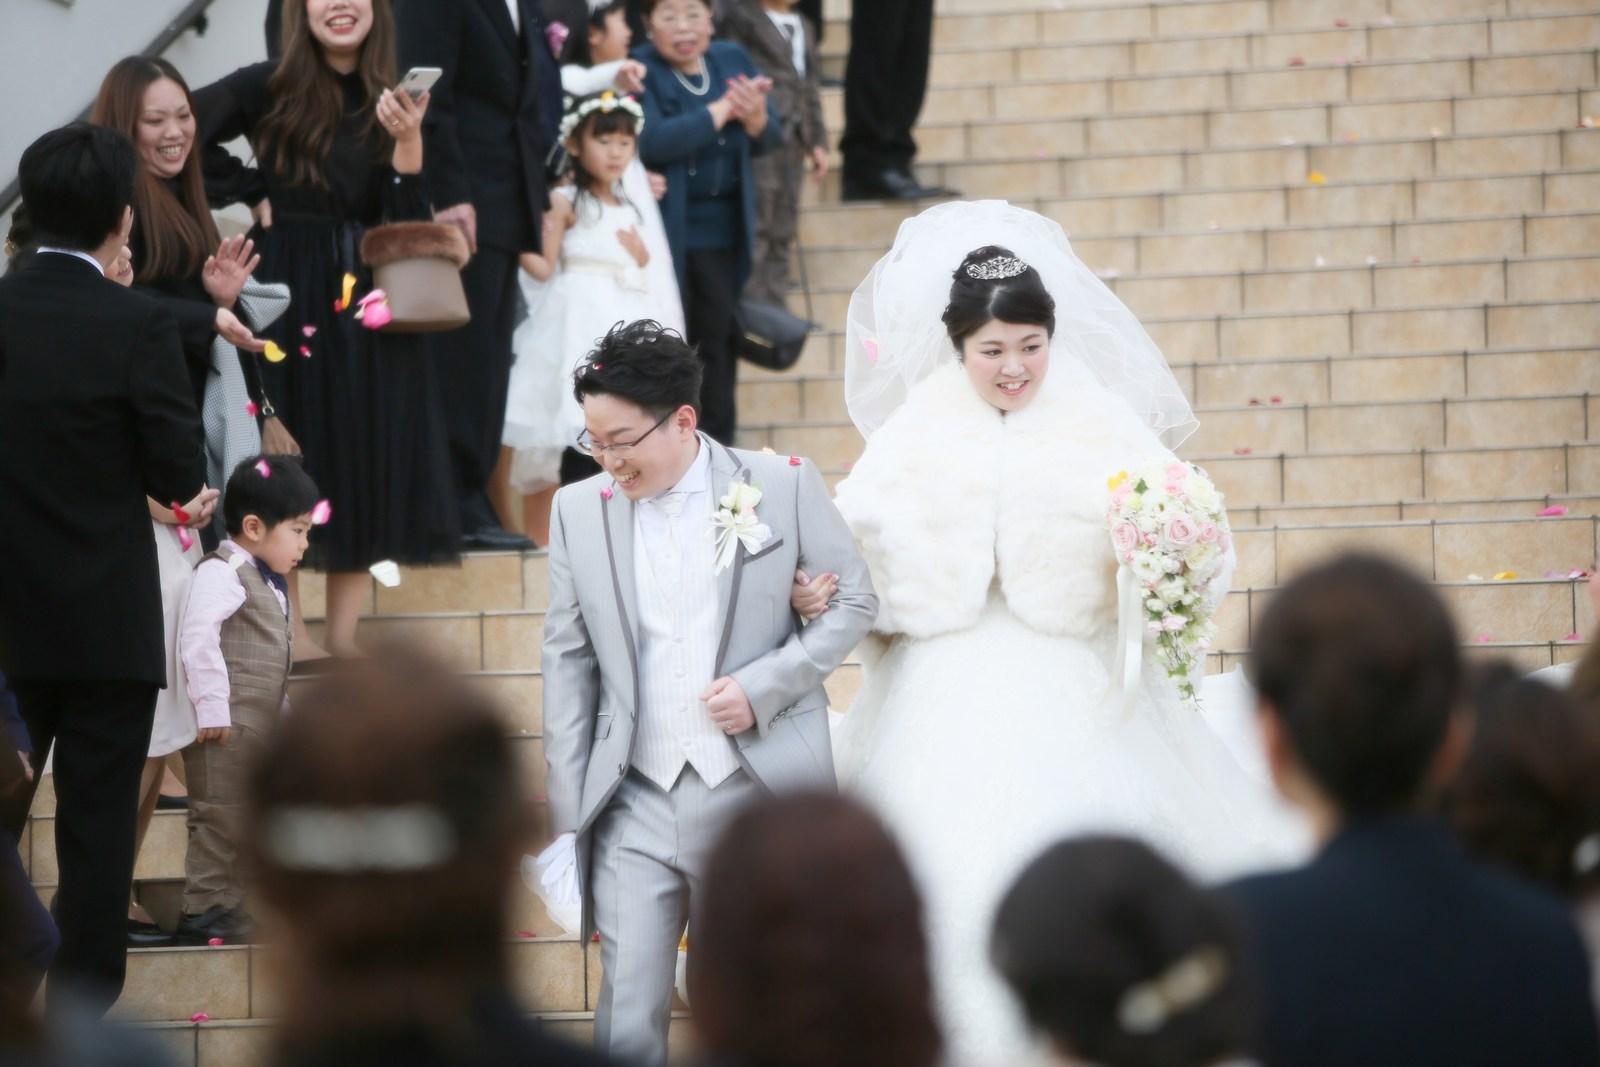 徳島市の結婚式場ブランアンジュの大階段で祝福のフラワーシャワー